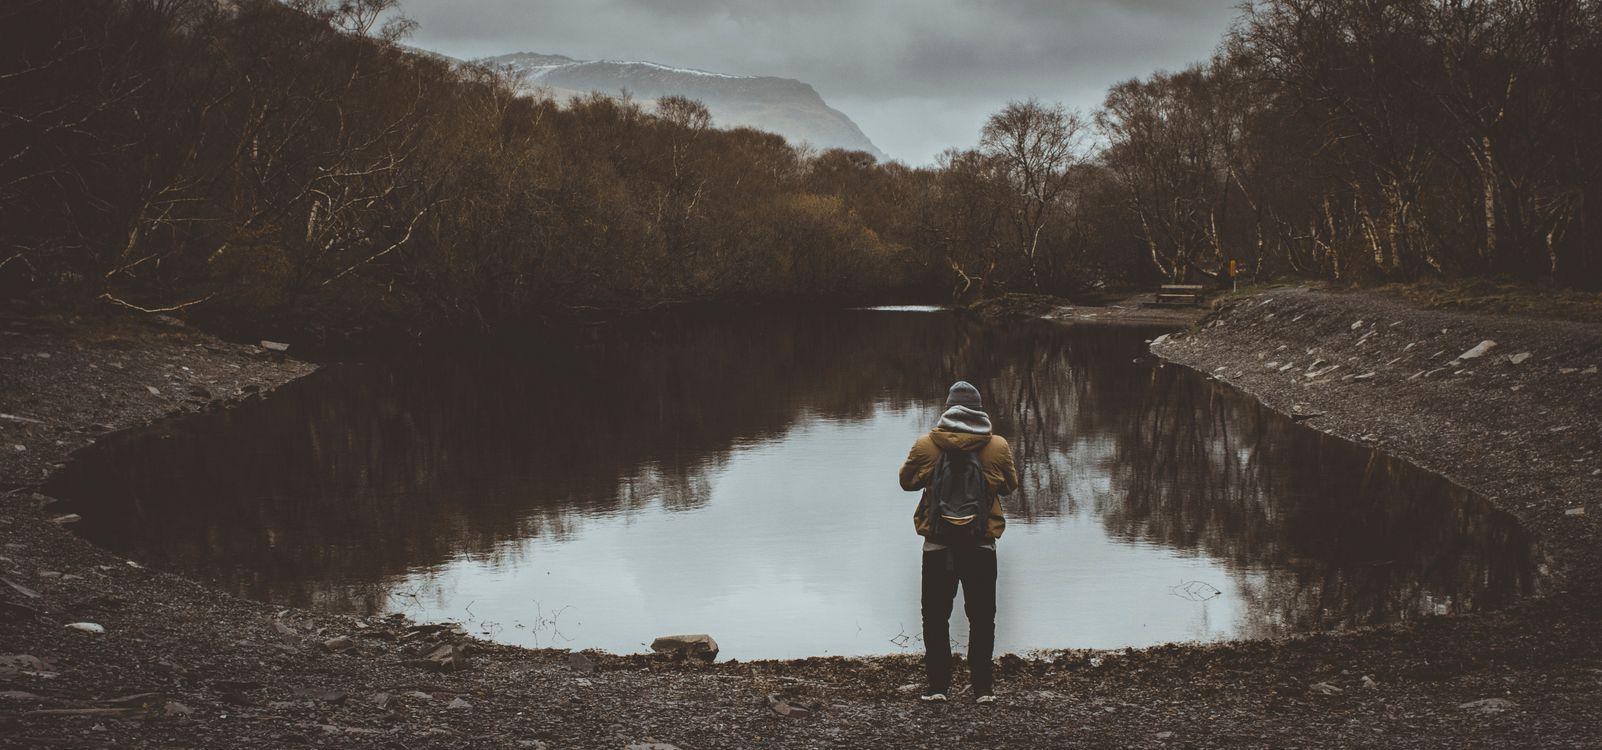 Фото бесплатно человек, пруд, облачно, деревья, мрачный, man, pond, cloudy, trees, gloomy, разное